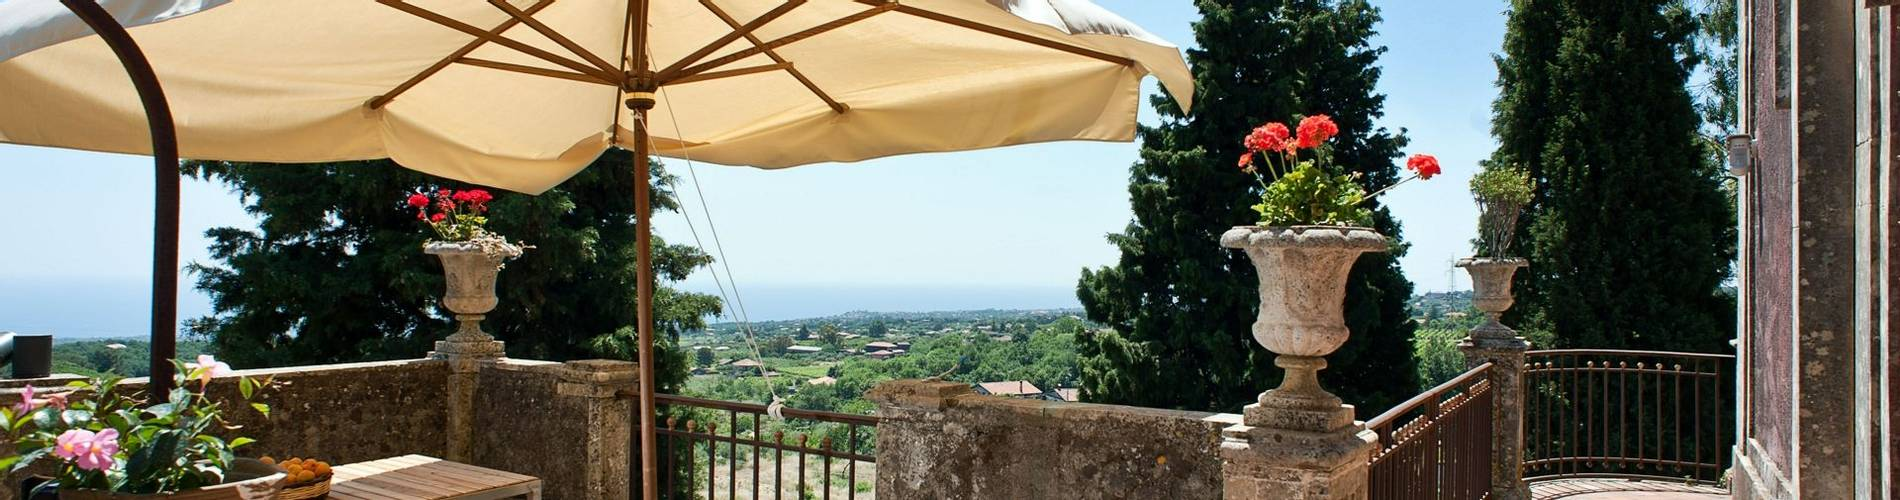 Monaci Delle Terre Nere, Sicily, Italy (31).jpg